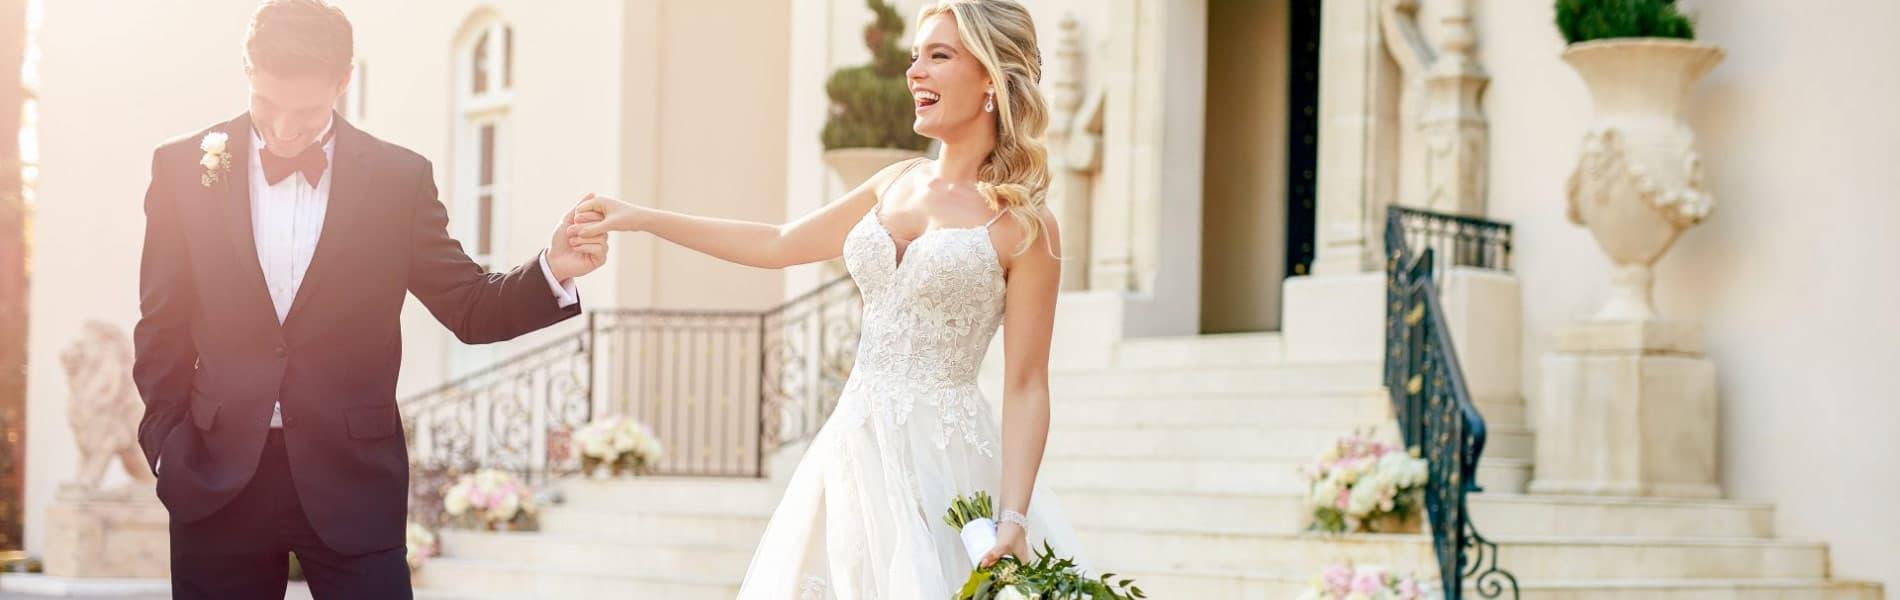 Brautkleider Mannheim   hochzeitsrausch Brautmoden